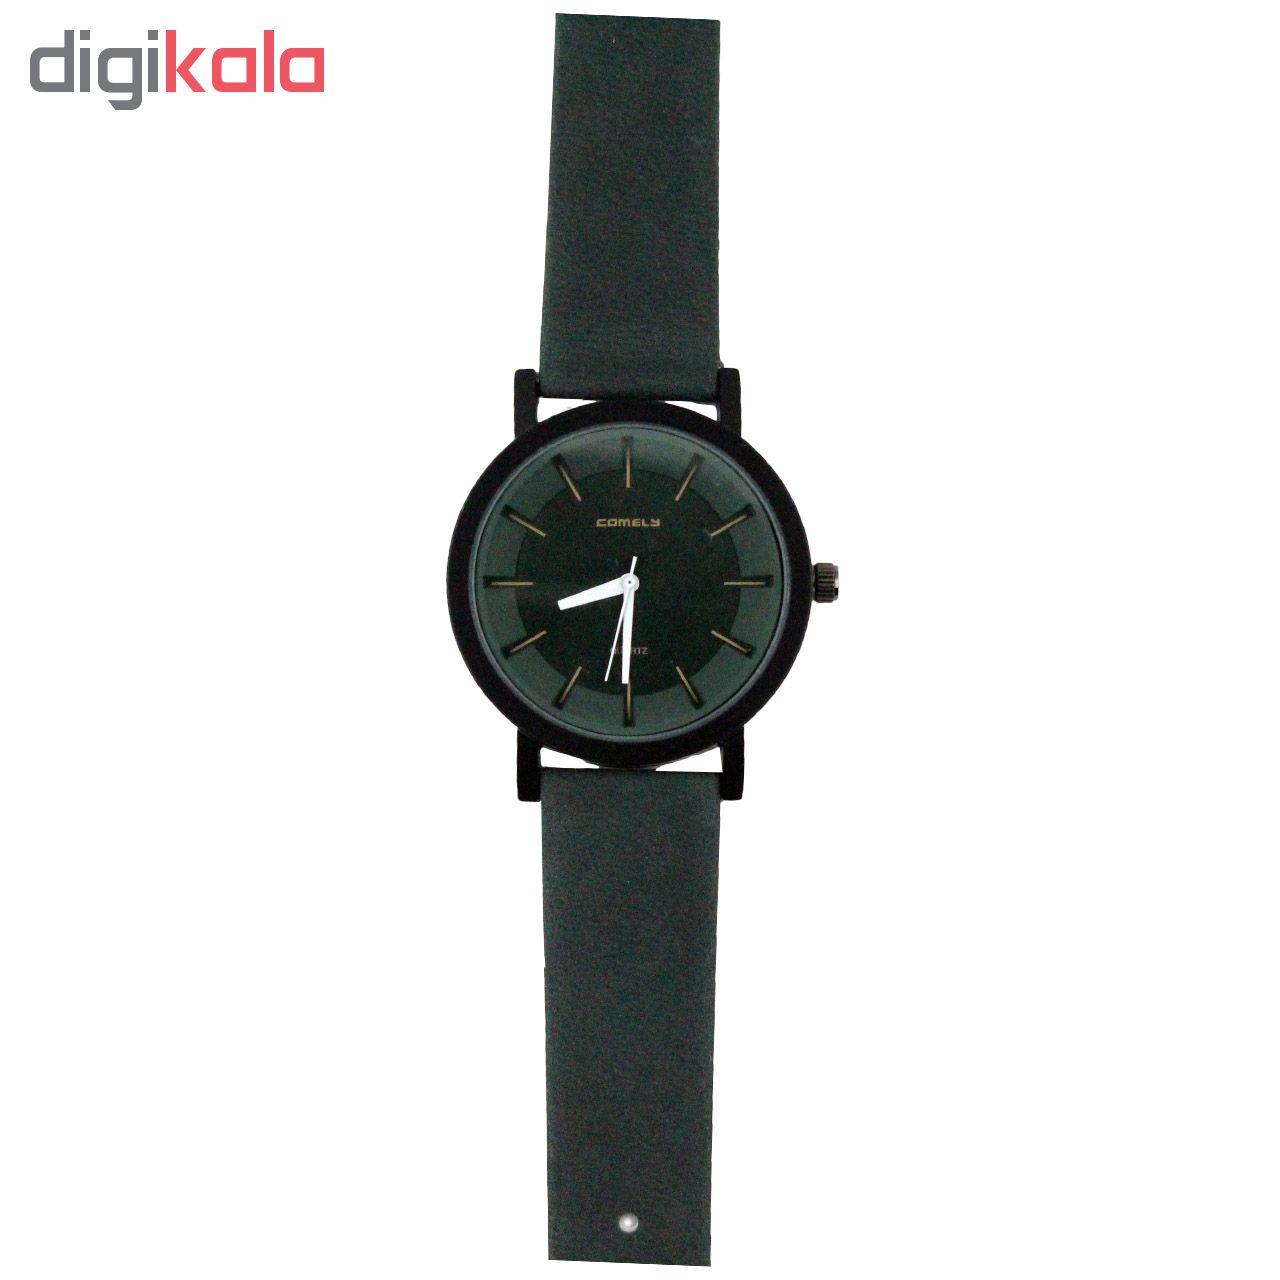 ساعت  کملی مدل KW-009